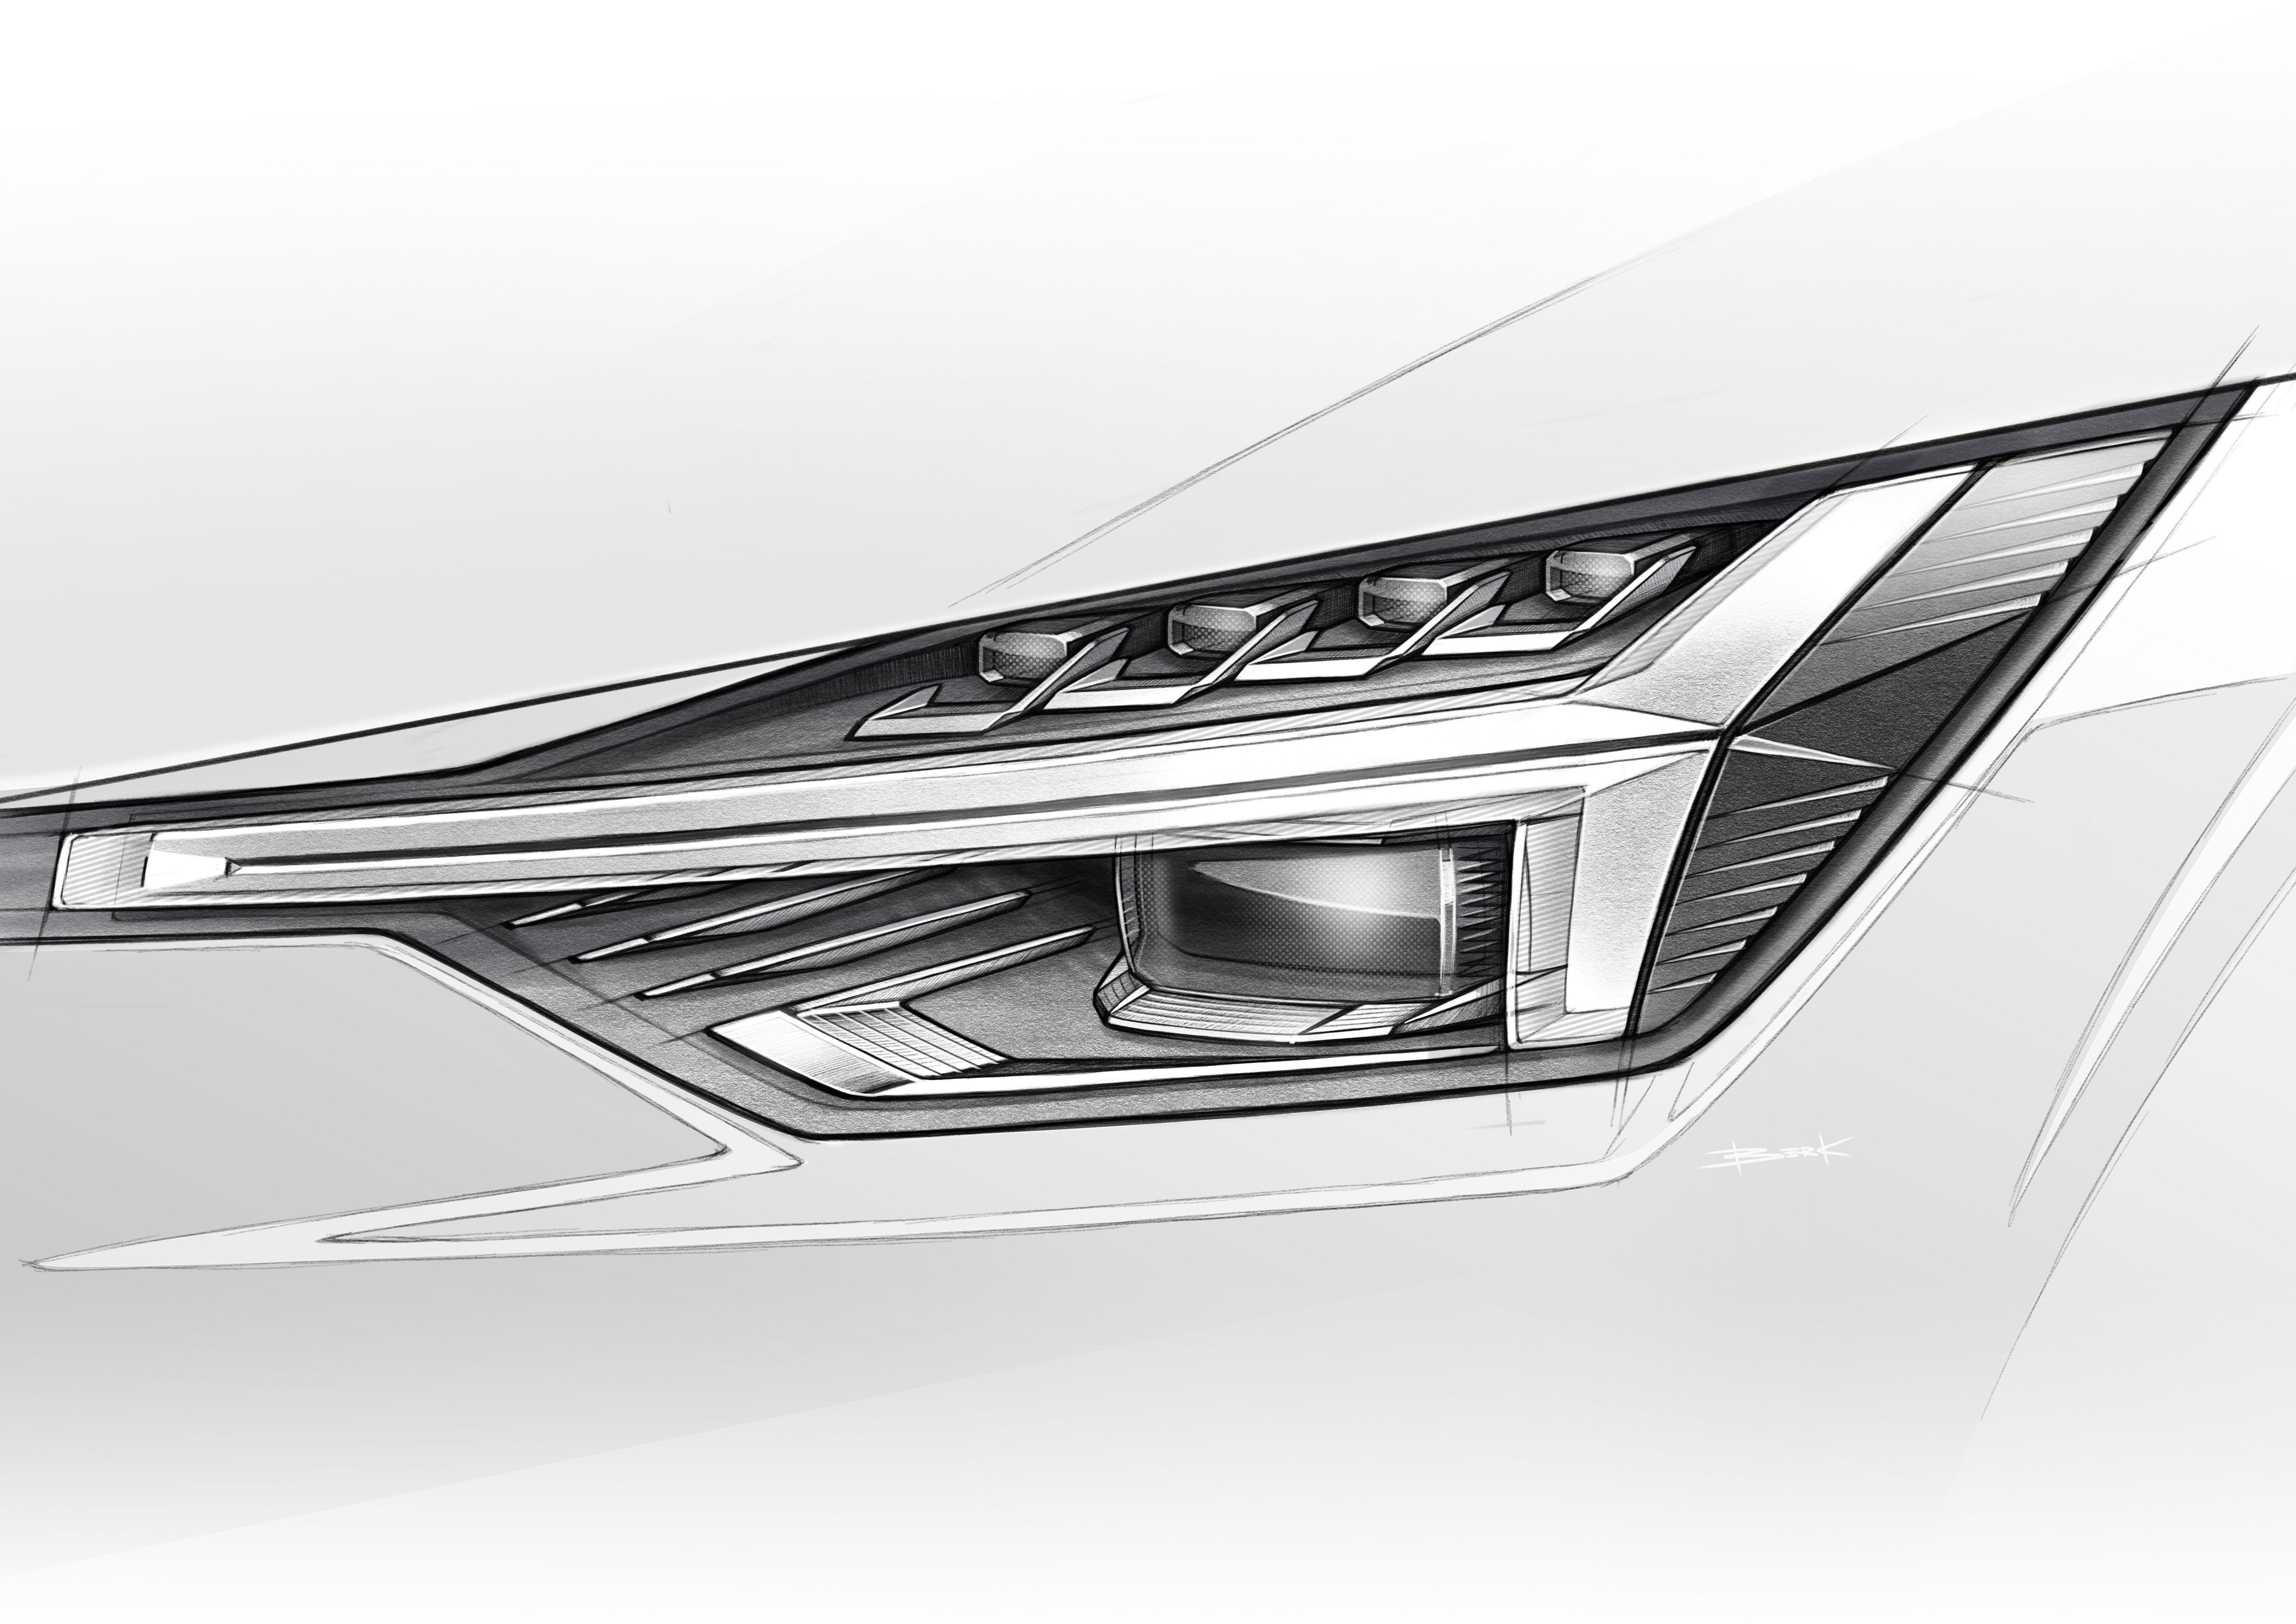 Polestar 2 Headlamp Sketch Diseno De Transporte Disenos De Unas Autos